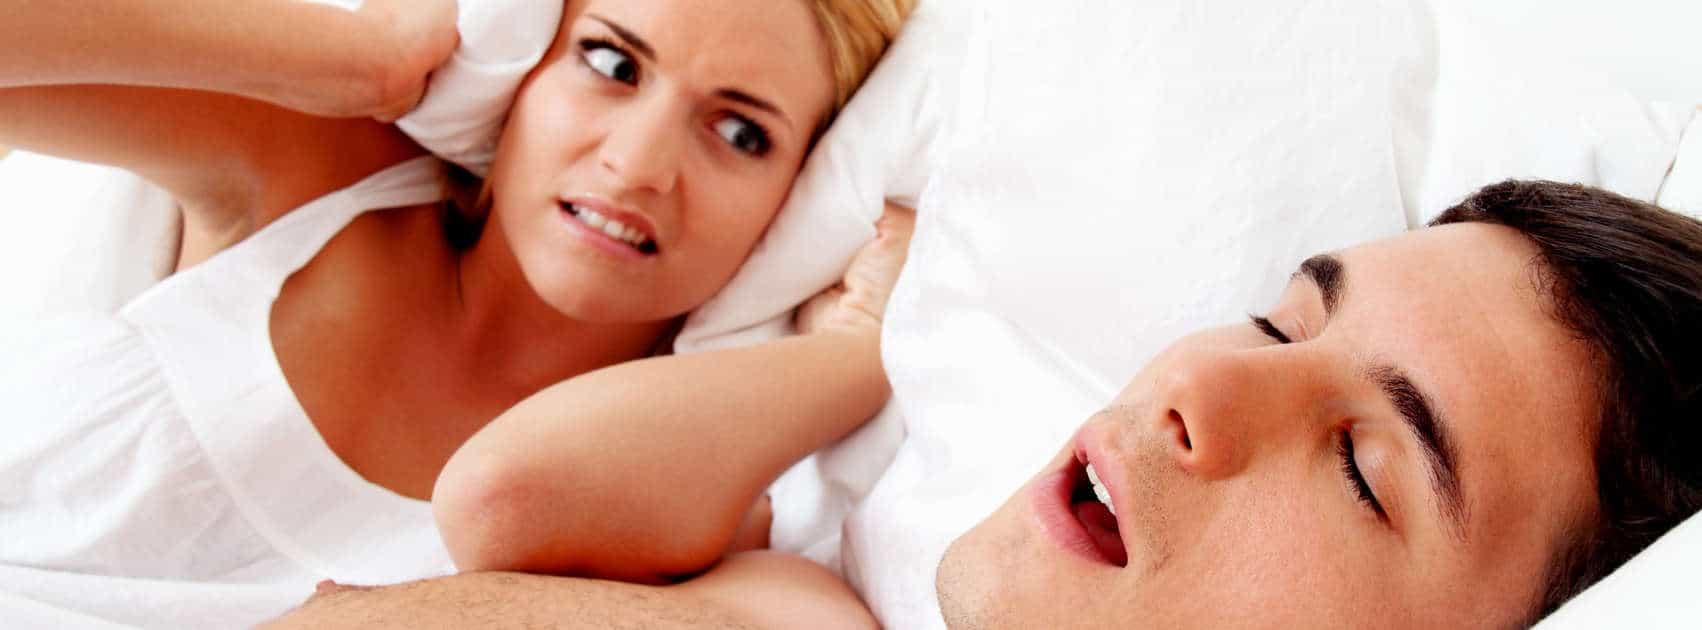 femme diabolique à côté d'un homme qui ronfle au lit